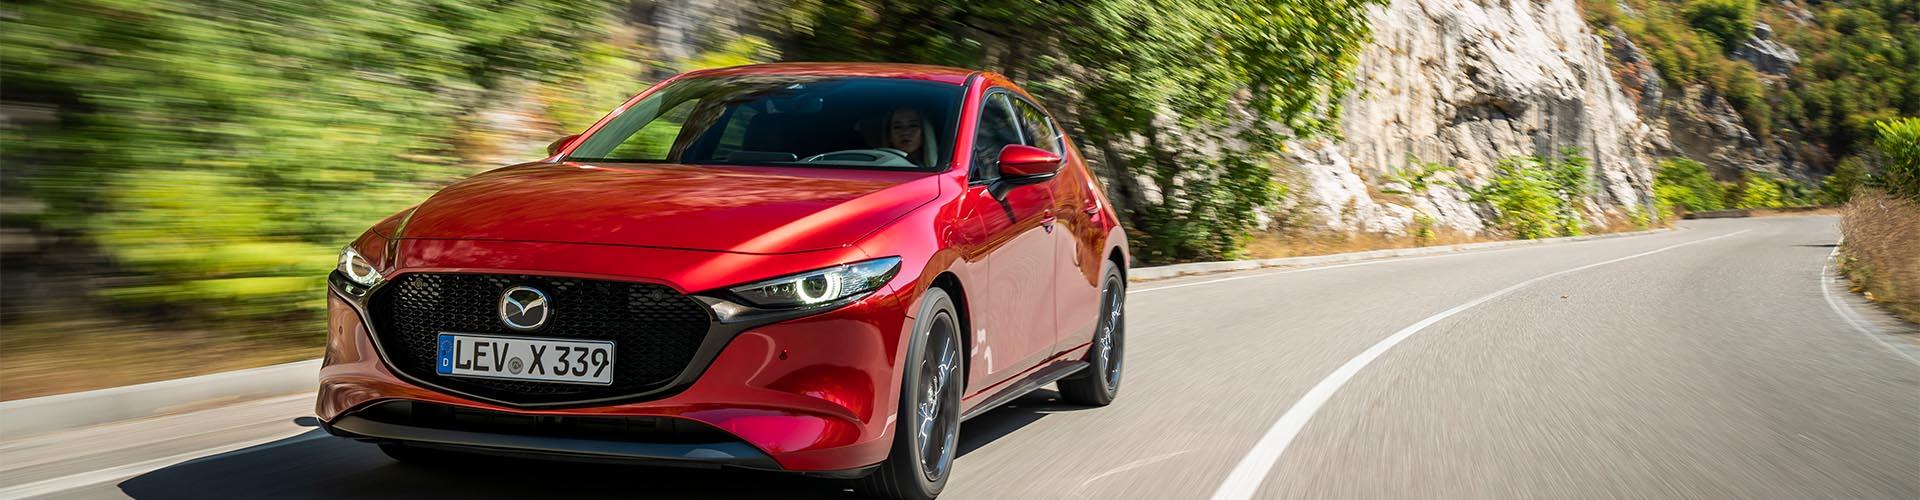 Mazda3 Modell 2016